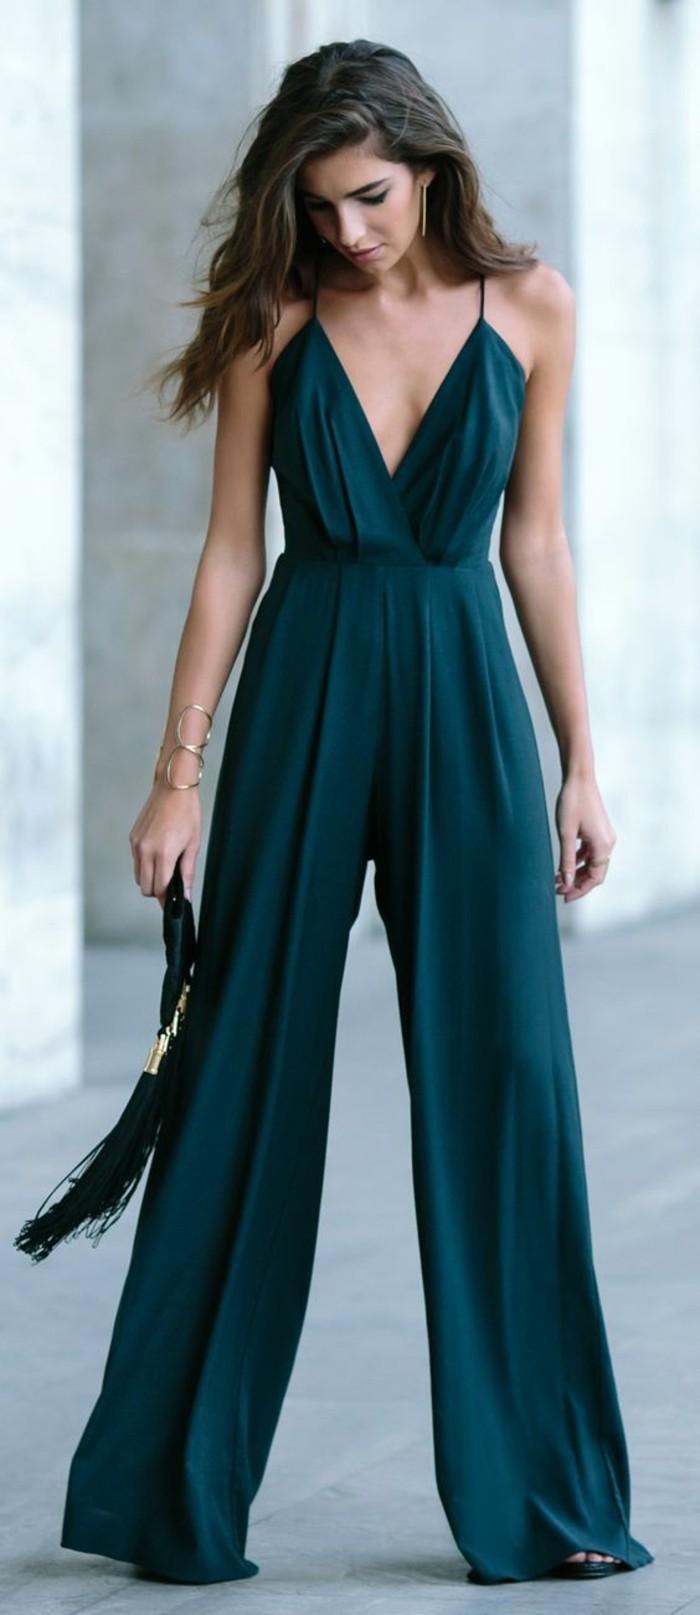 s-habiller-classe-comment-savoir-comment-s-habiller-comment-s-habiller-en-été-femme